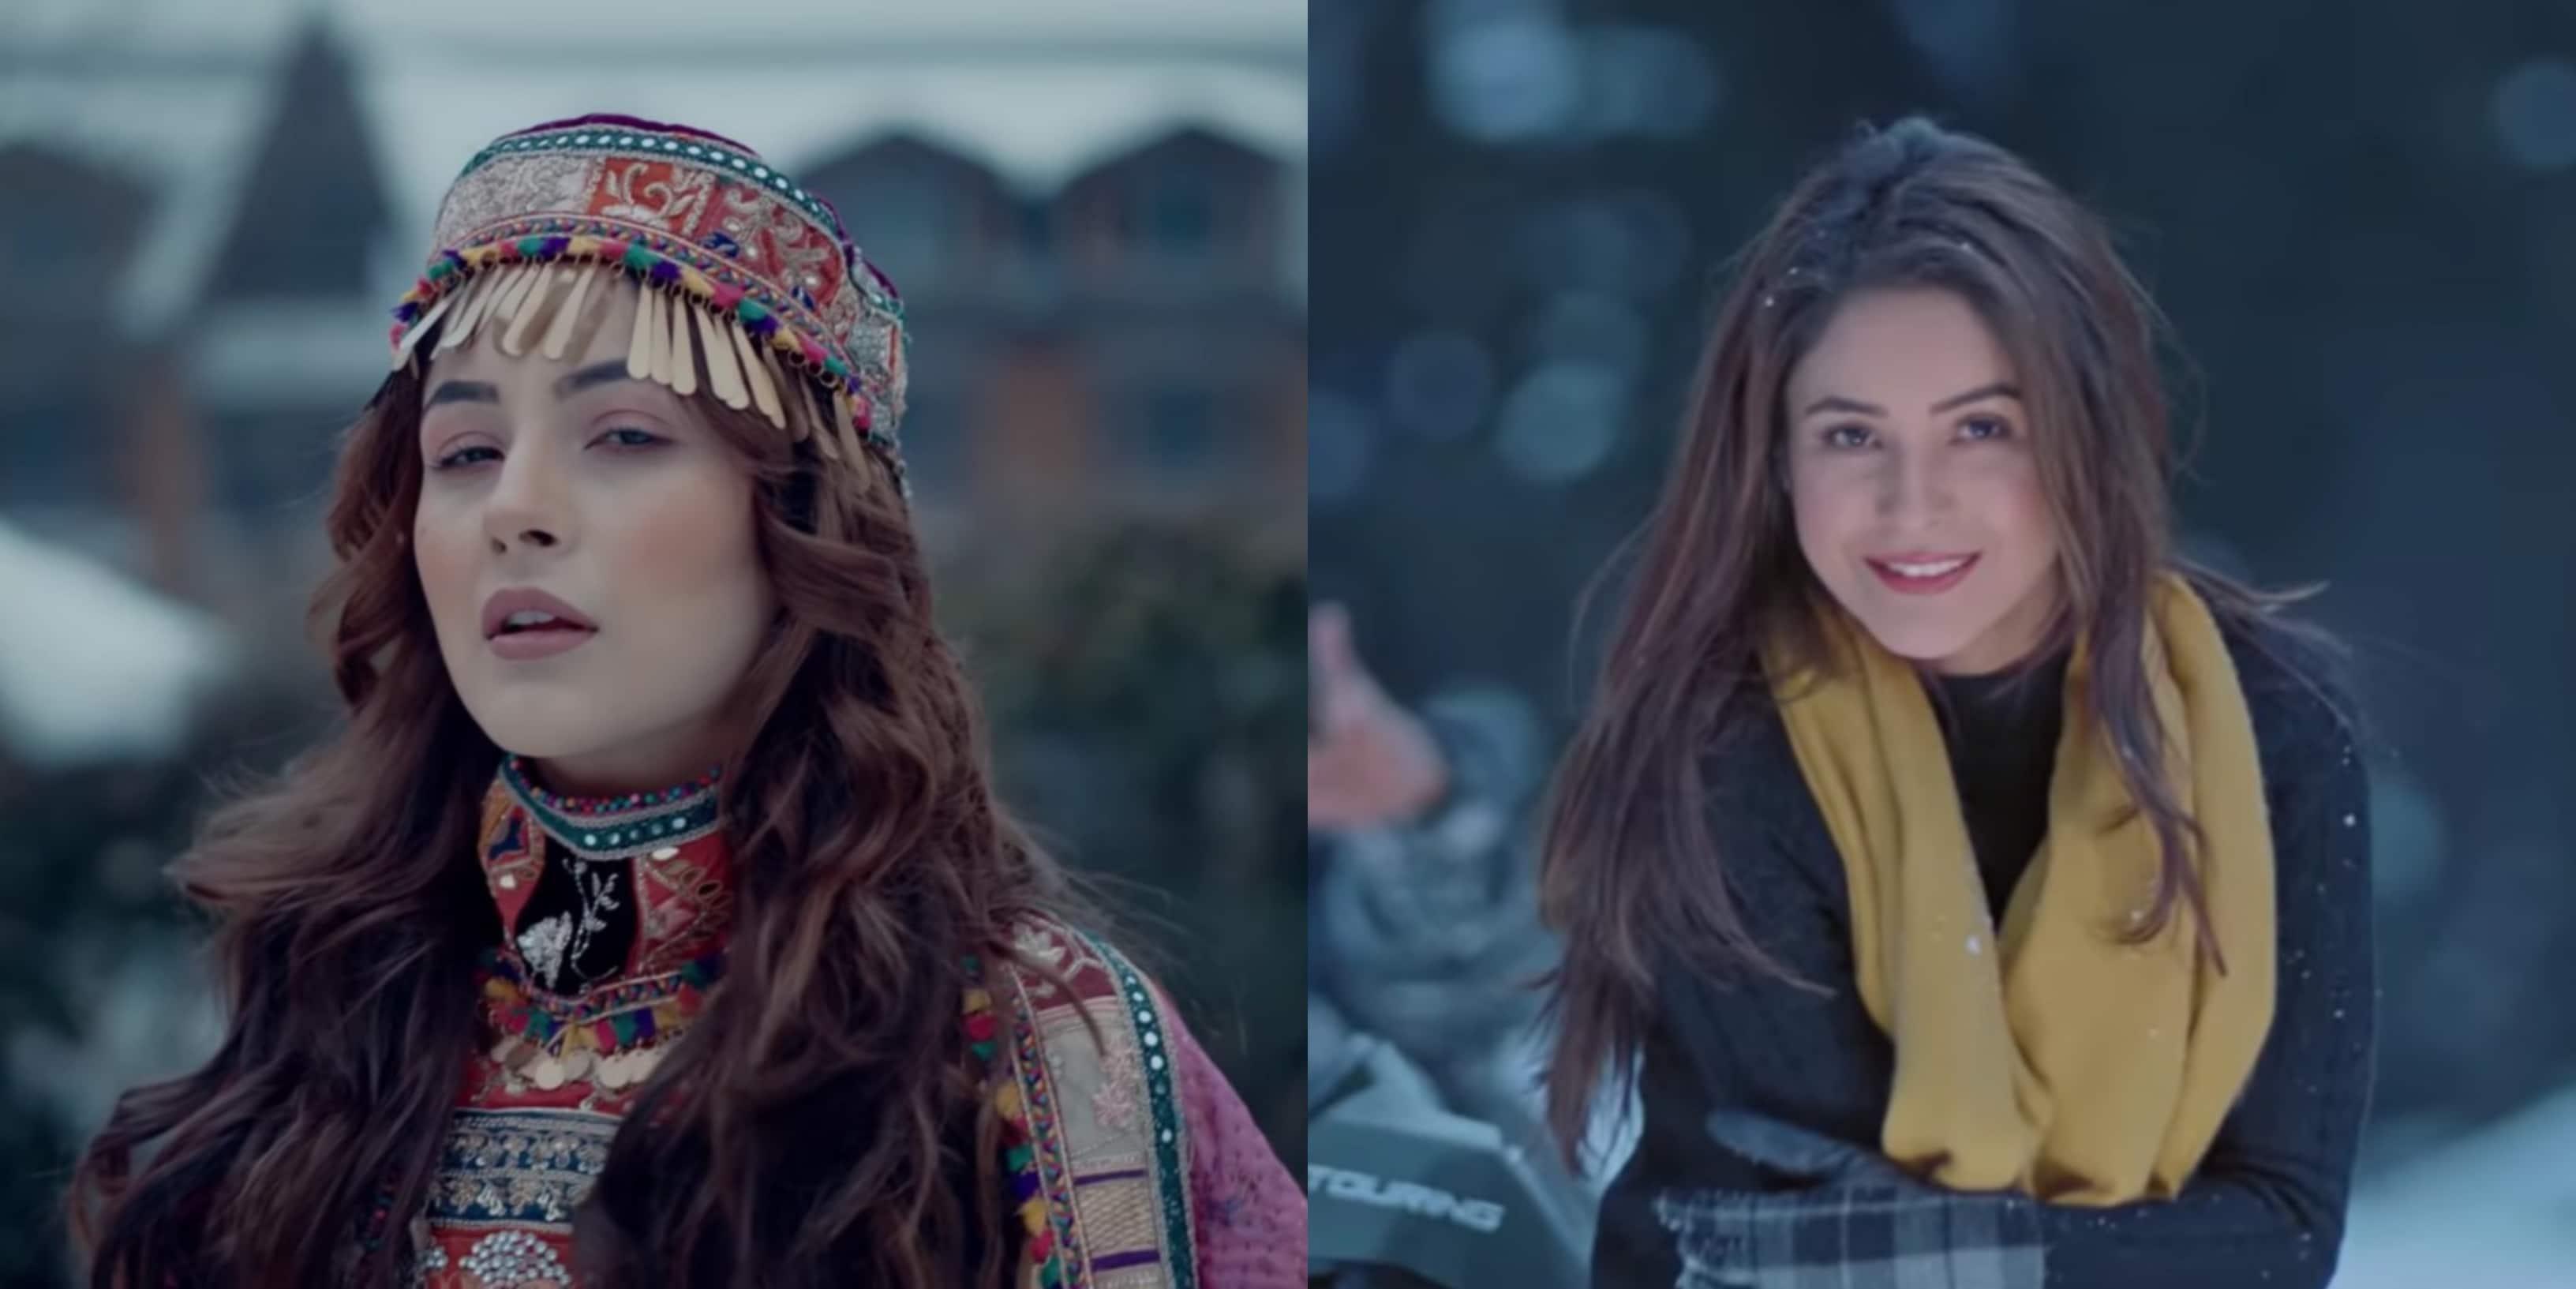 शहनाज गिल और बादशाह का फ्लाई गाना रिलीज, कश्मीर में मिलेगी स्विट्जरलैंड वाली फील